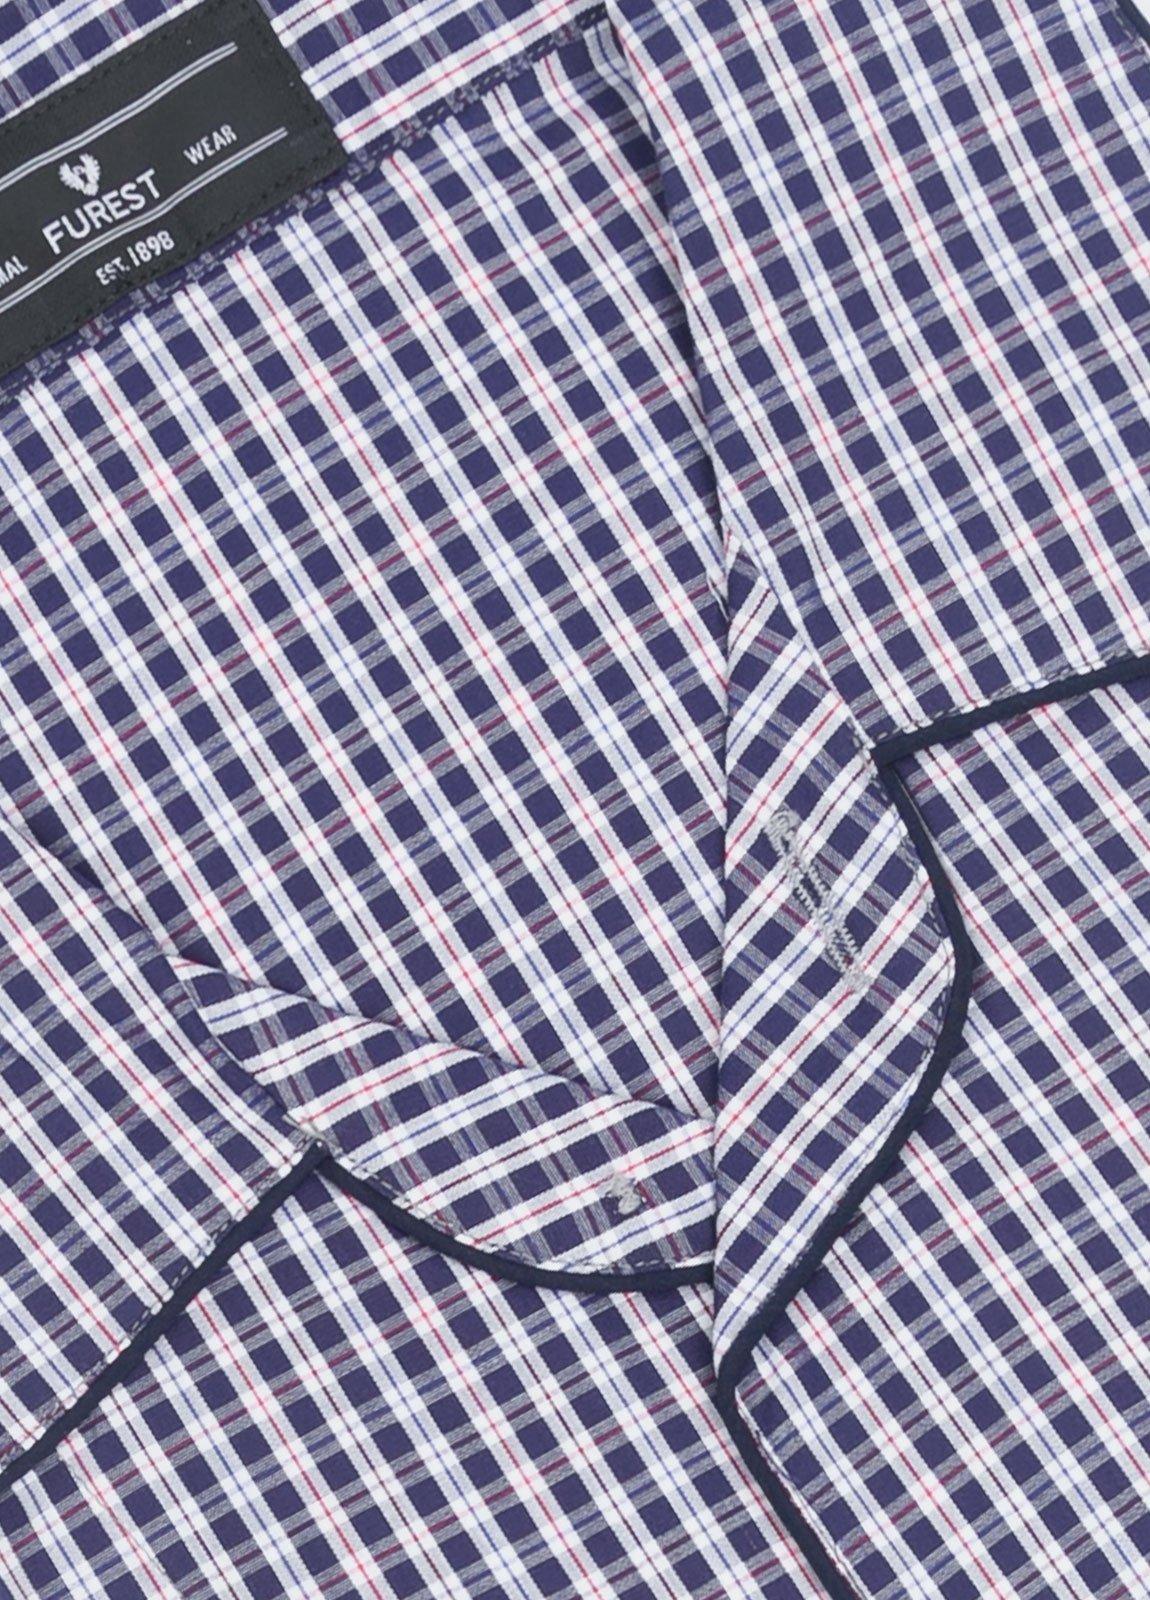 Pijama largo FUREST COLECCIÓN cuadros marino y rojo - Ítem2